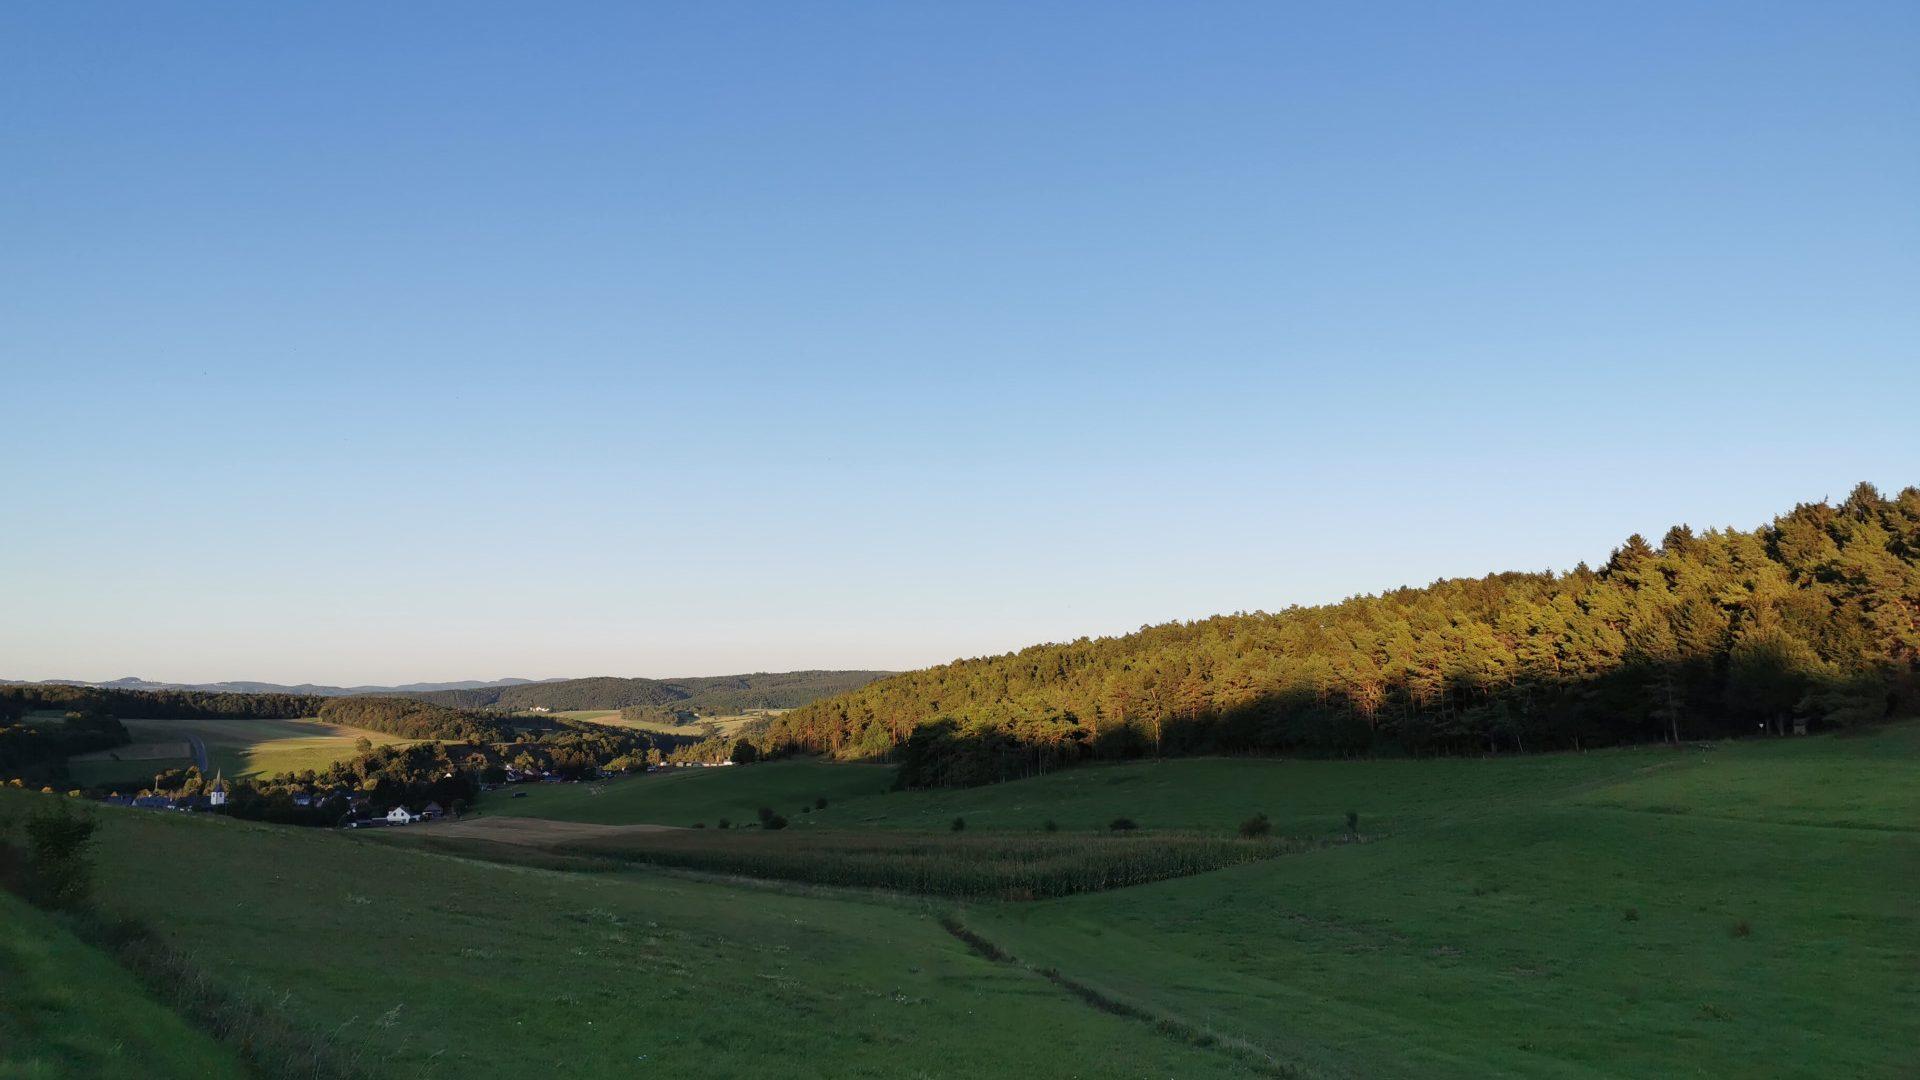 Ferienhaus Landhaus-Loogh-Umgebung unweit von Leimbach oder Adenau